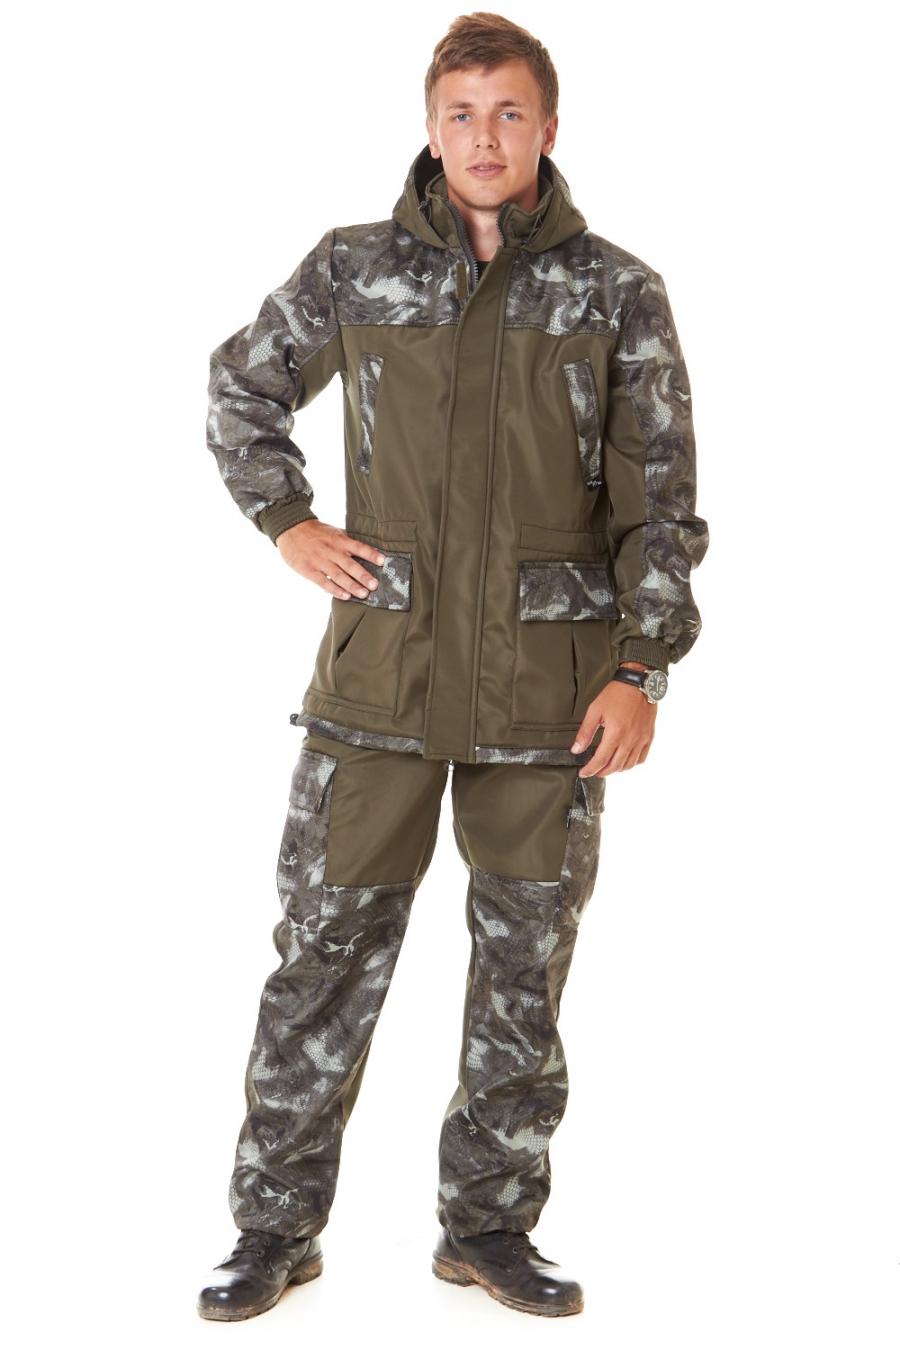 Костюм для охоты и рыбалки Форестер демисезонныйОдежда для охоты и рыбалки<br><br><br>Размер: 42